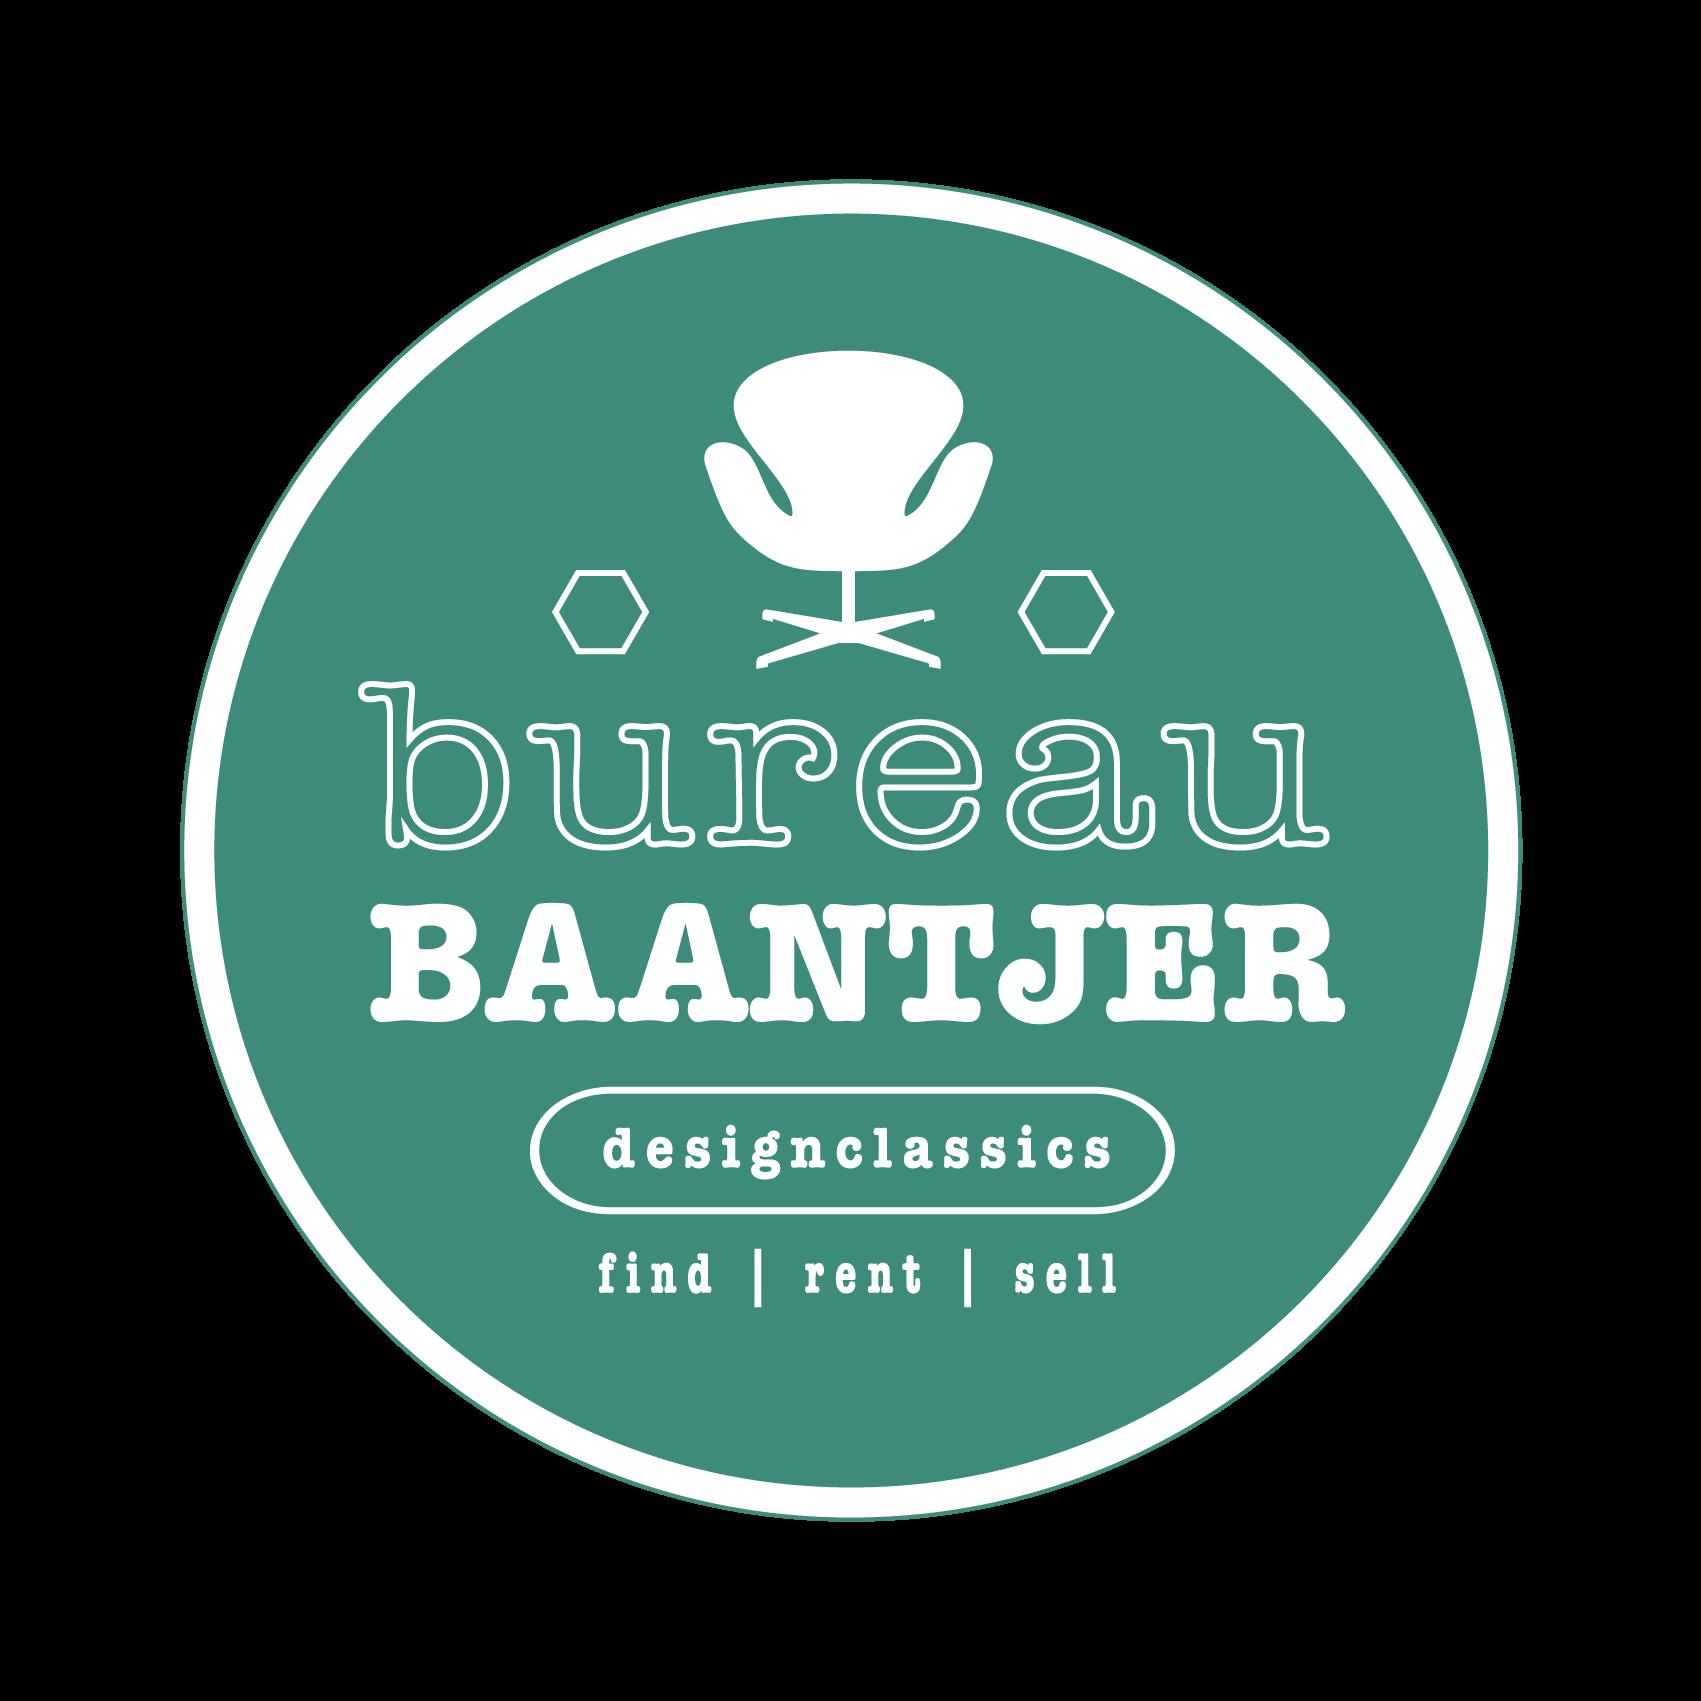 Bureau Baantjer